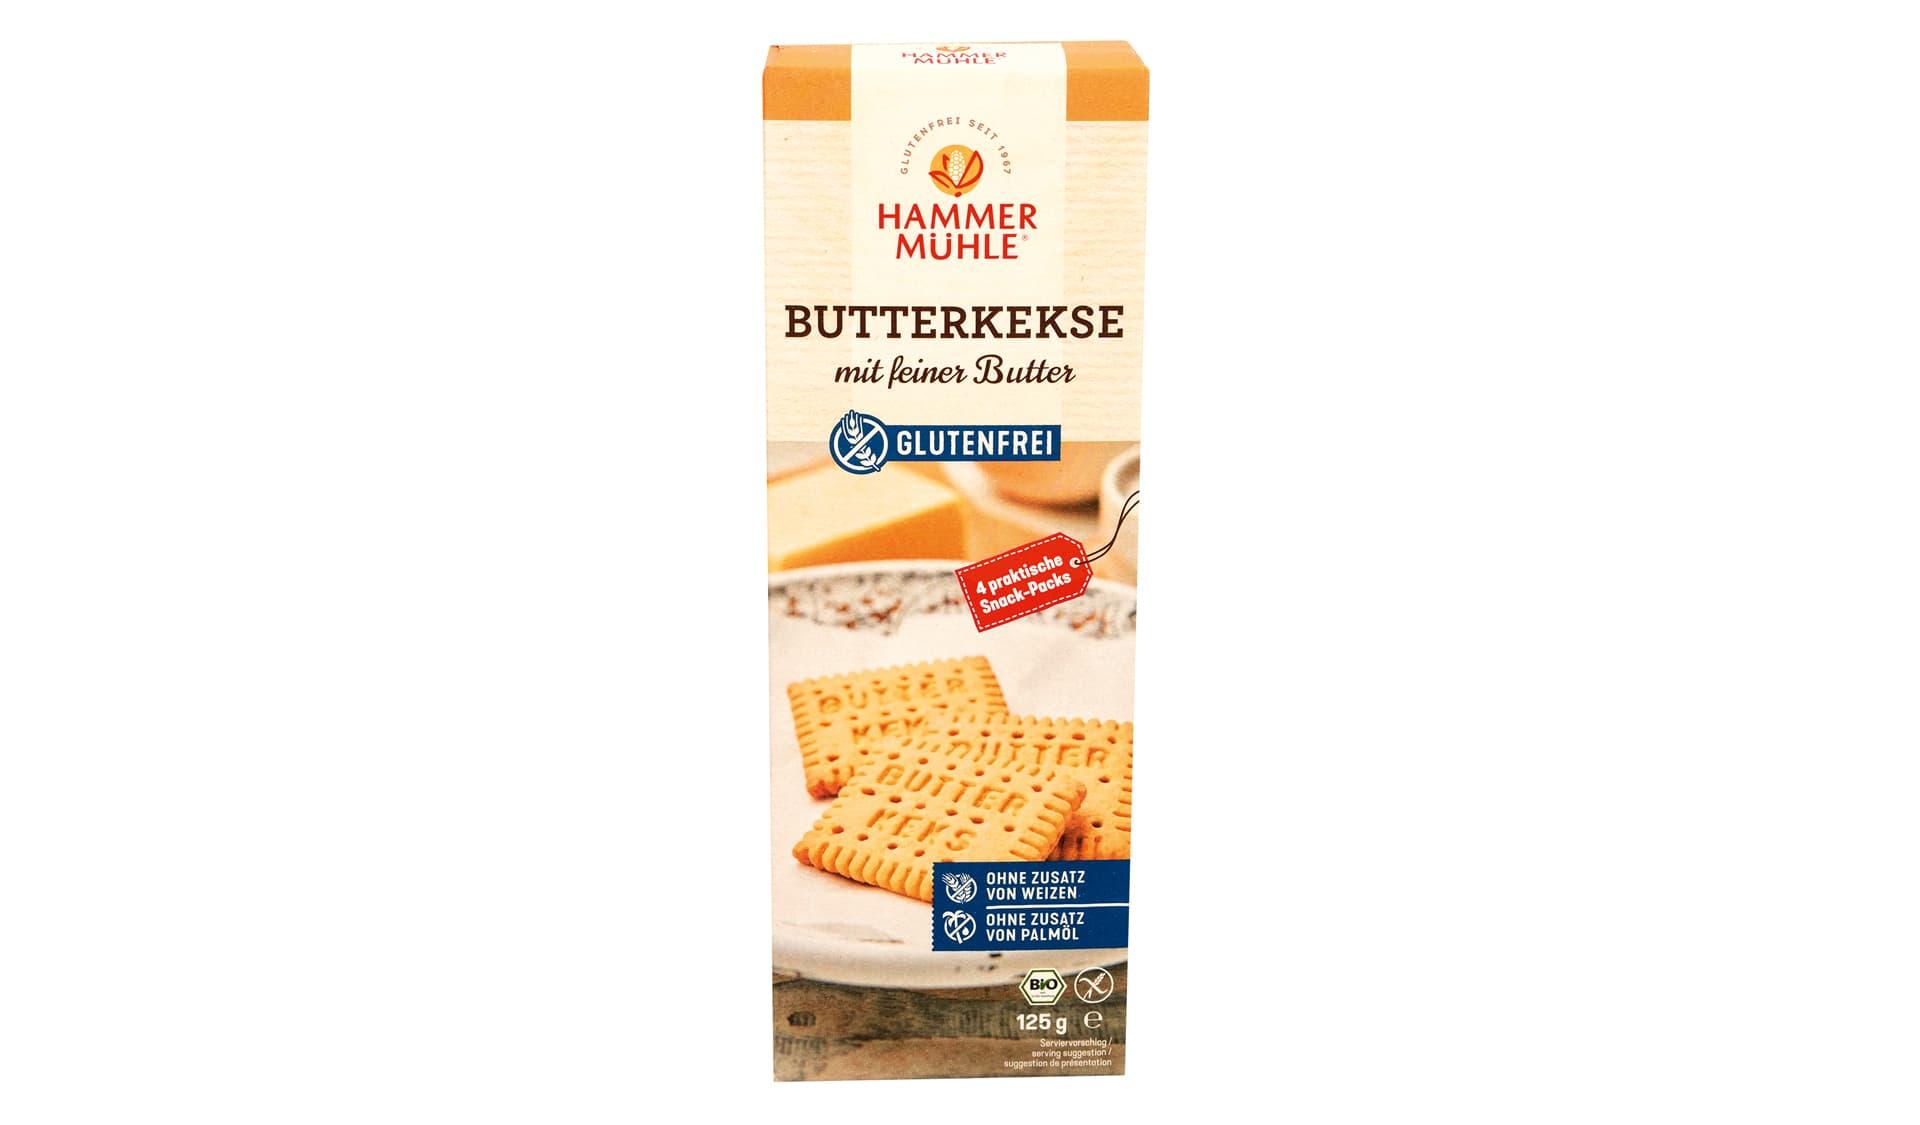 Hammermühle Butterkekse Glutenfrei (www.hammermuehle-shop.de)